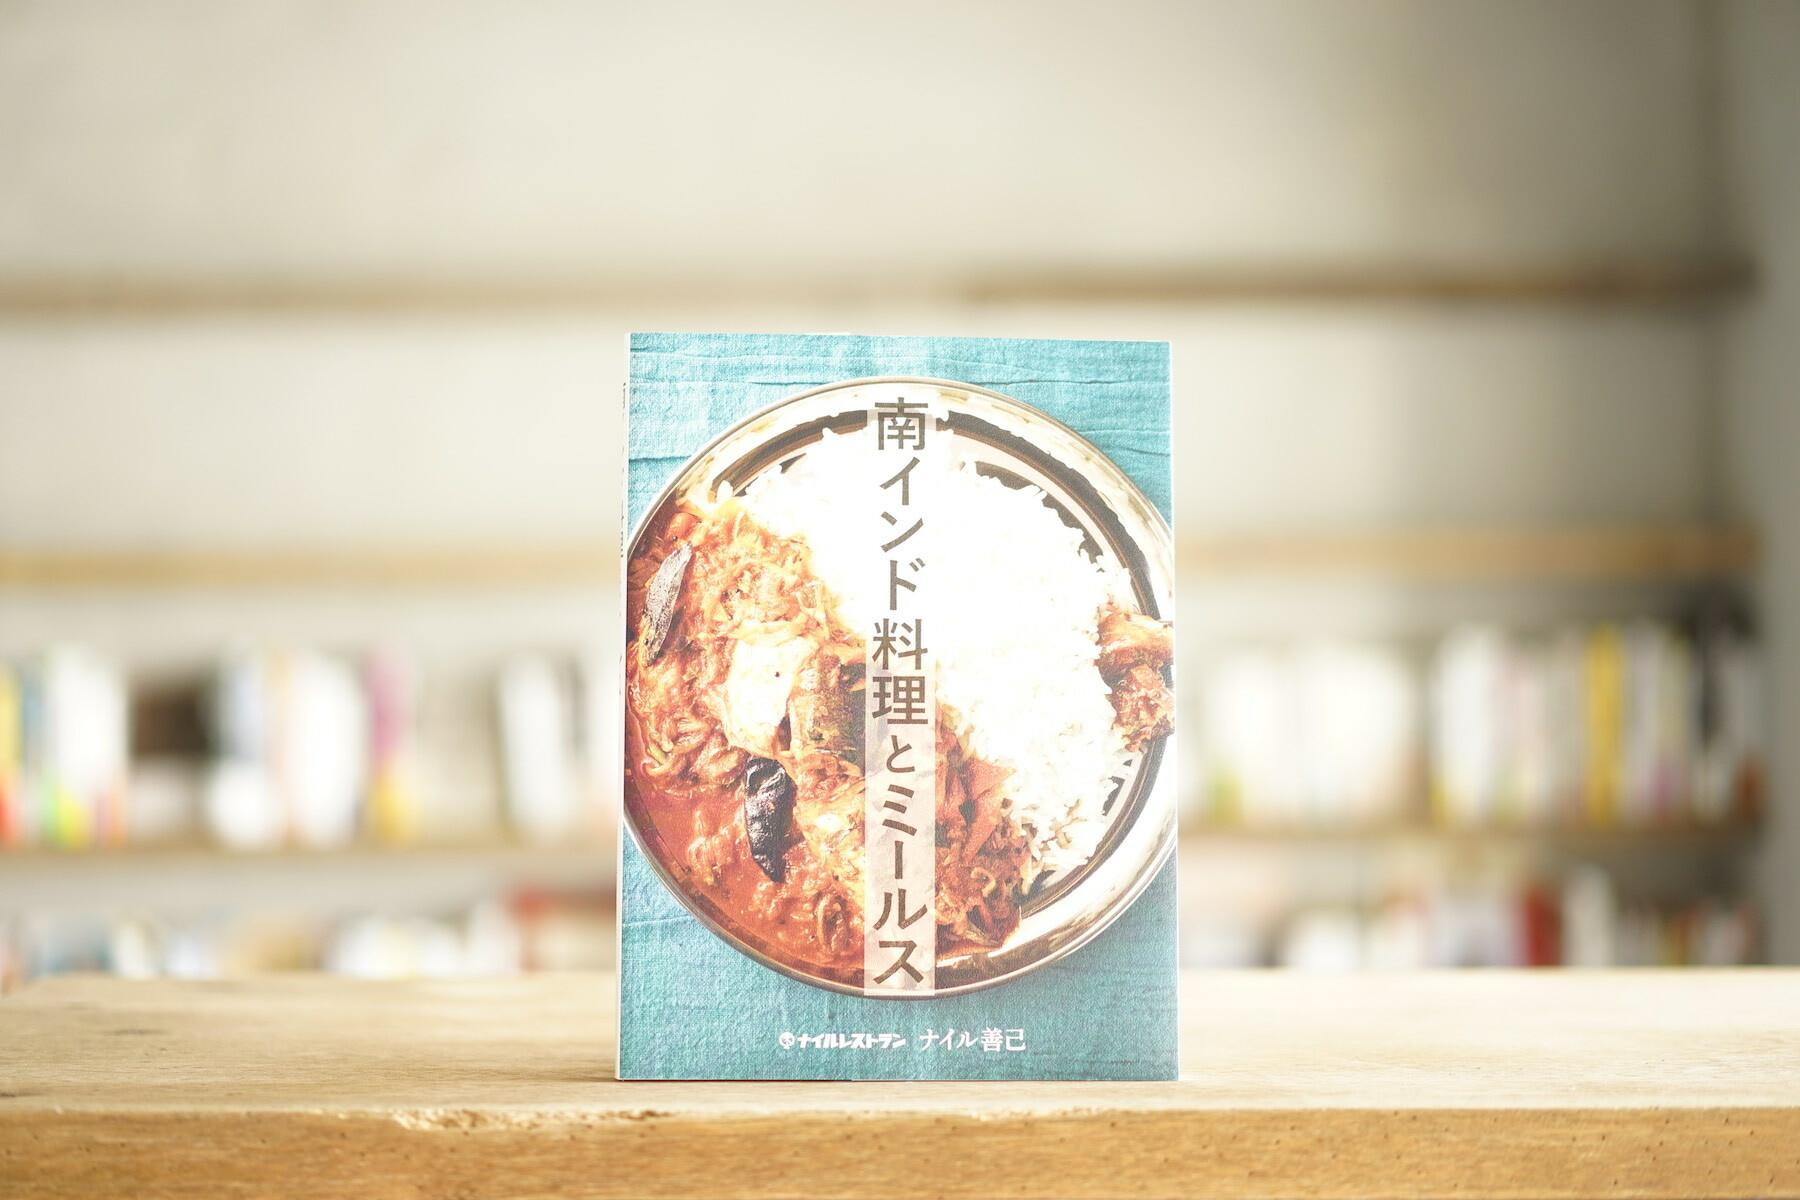 ナイル善己 『南インド料理とミールス』 (柴田書店、2017)